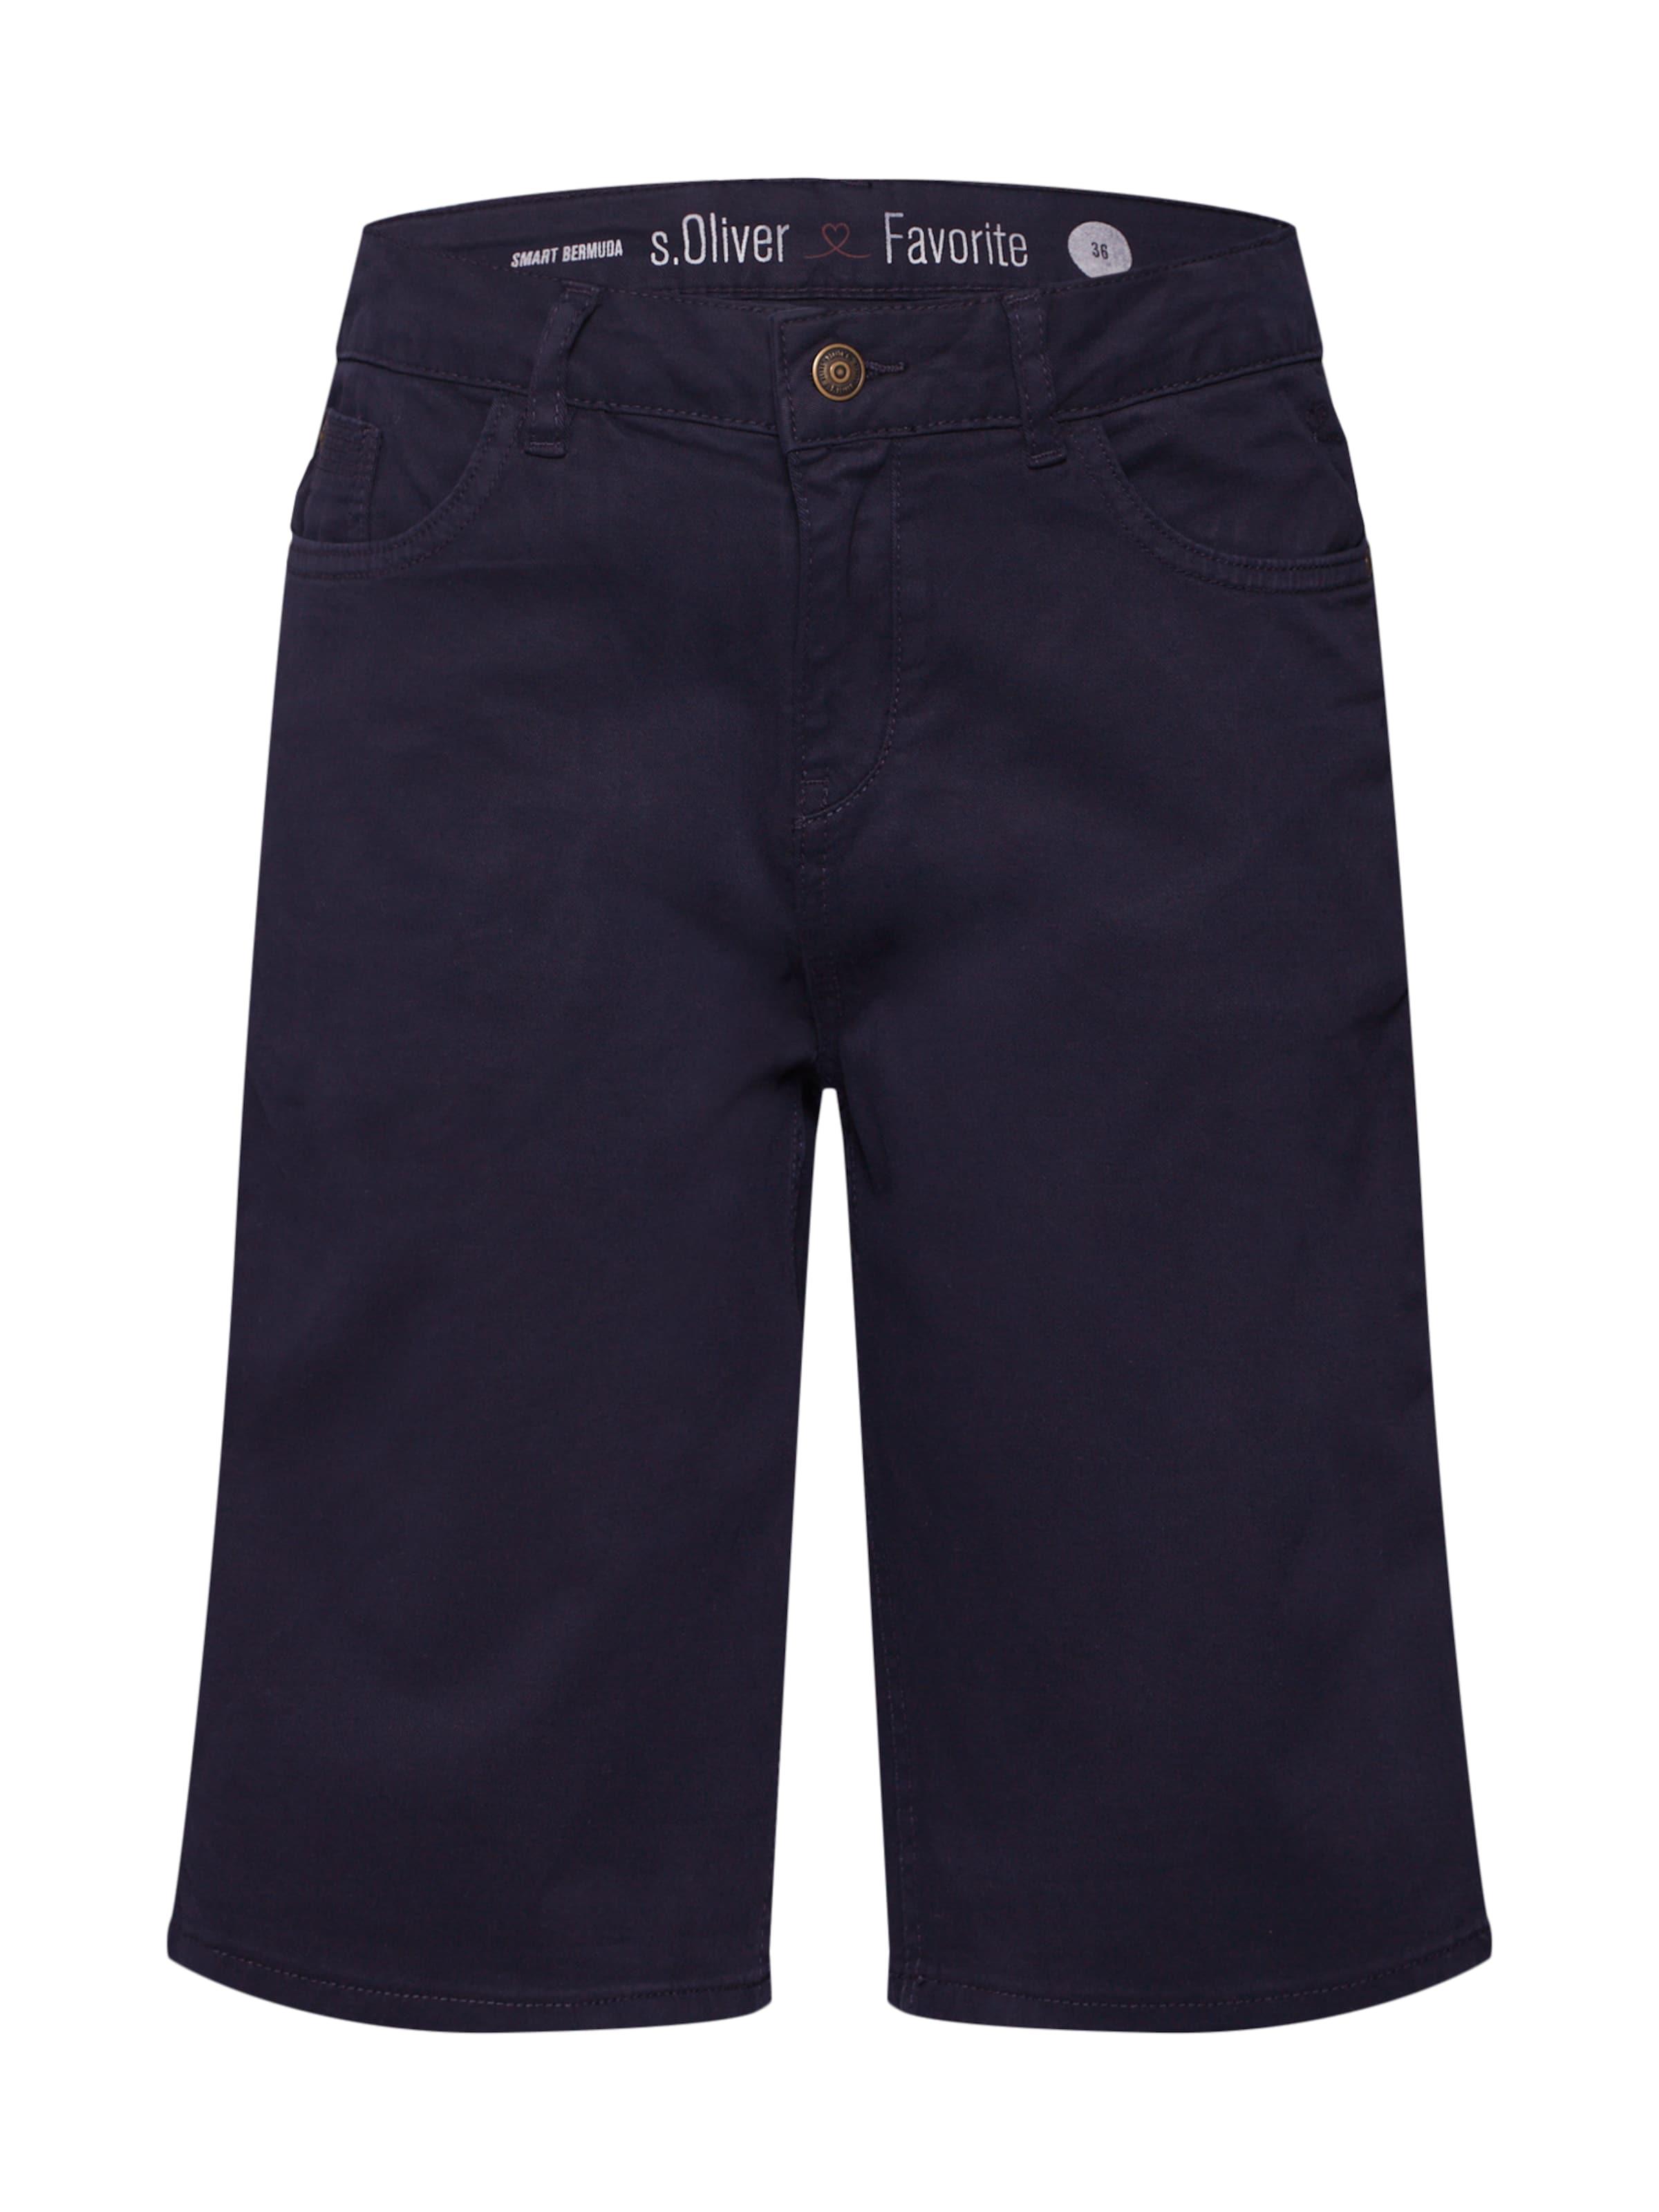 En Pantalon 'bermuda' Bleu Foncé Label S Red oliver xdBoWeQrC